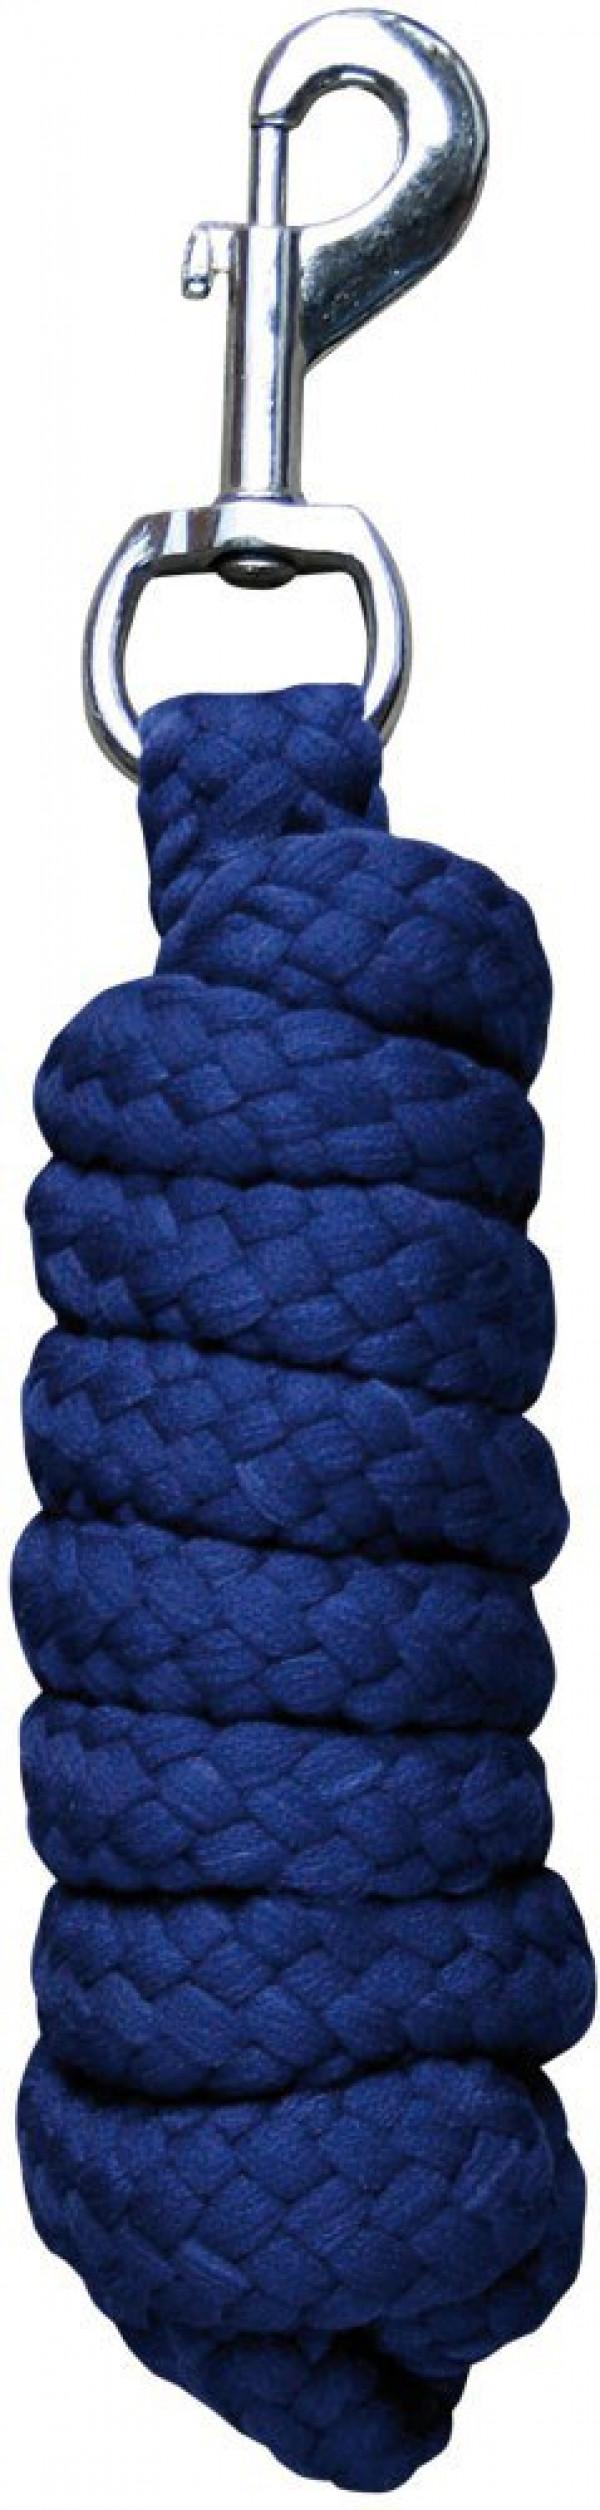 Чумбур синий купить в интернет магазине конной амуниции